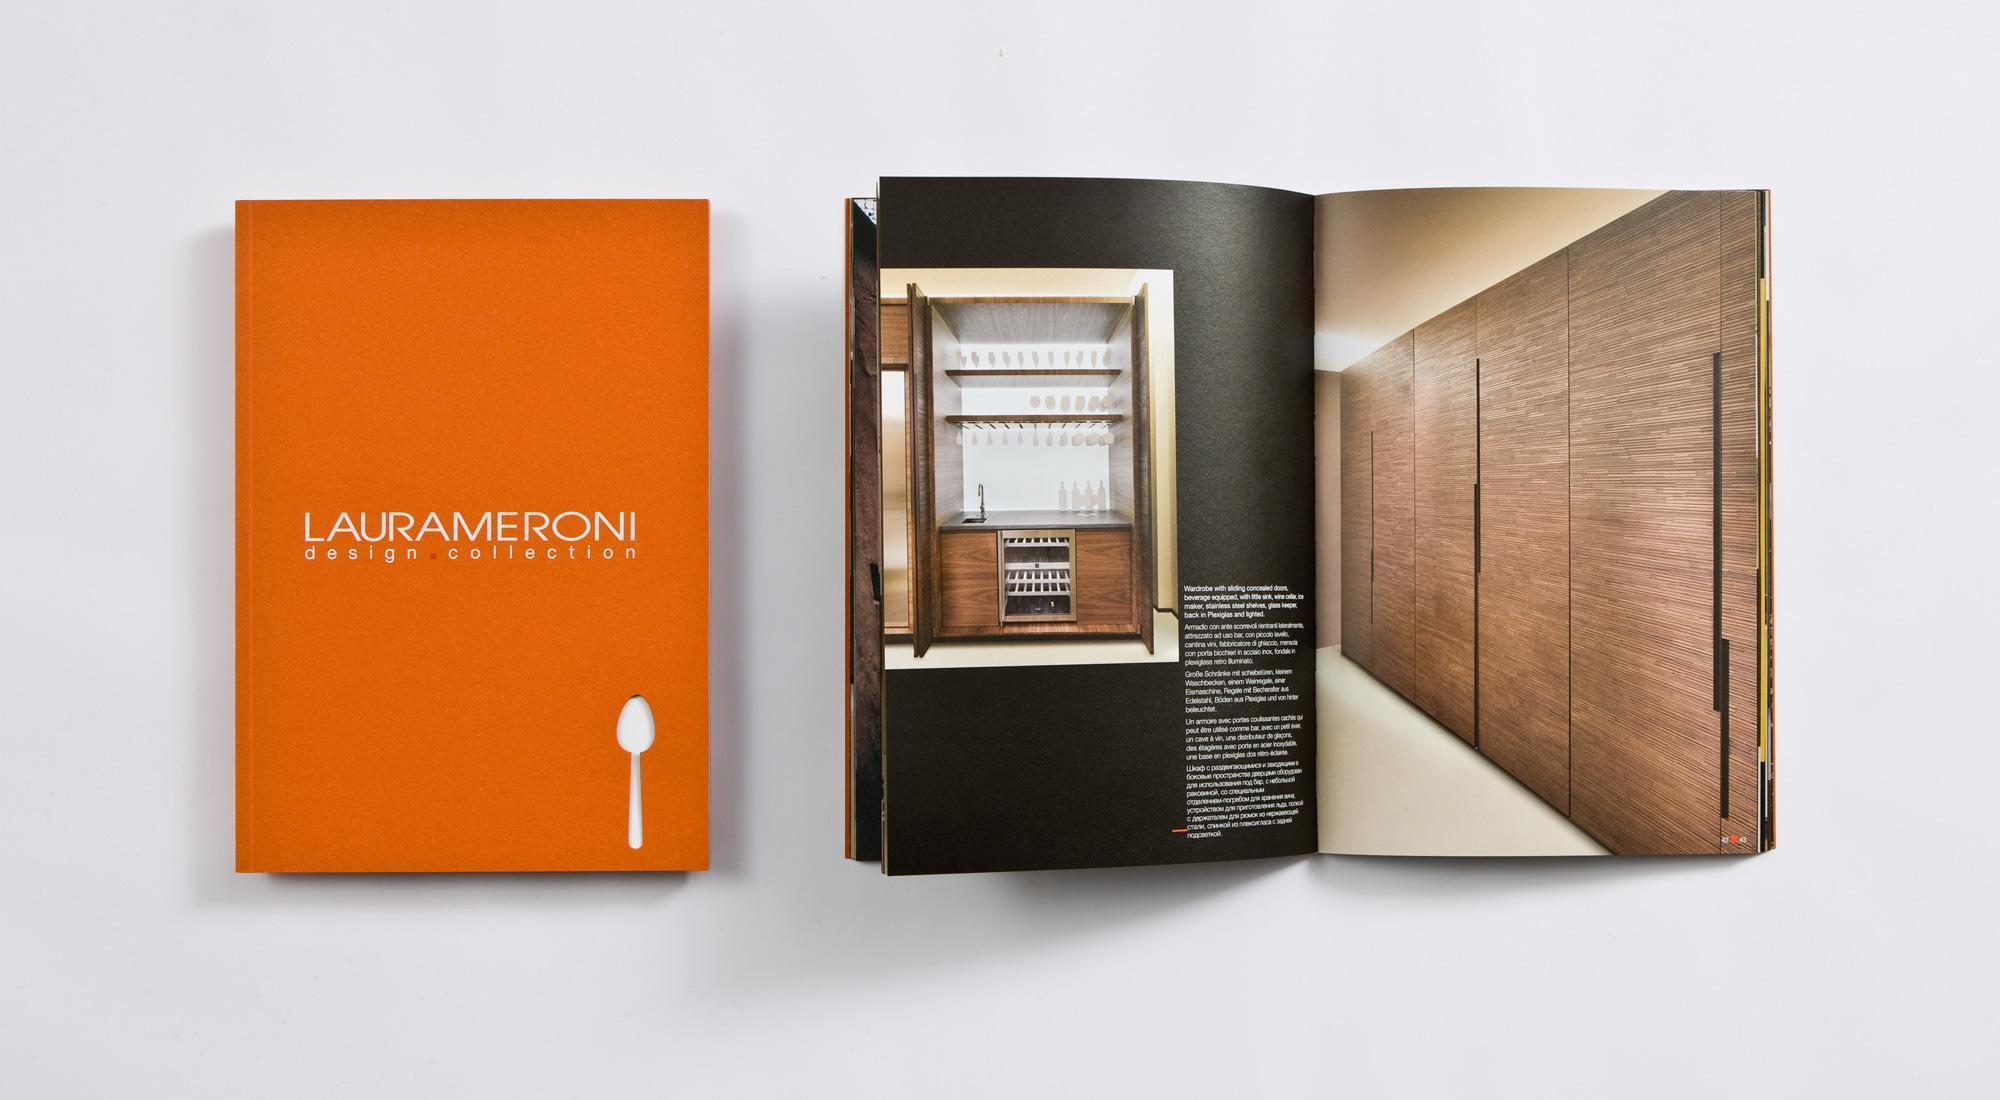 laurameroni luxury bespoke kitchen catalogue free download